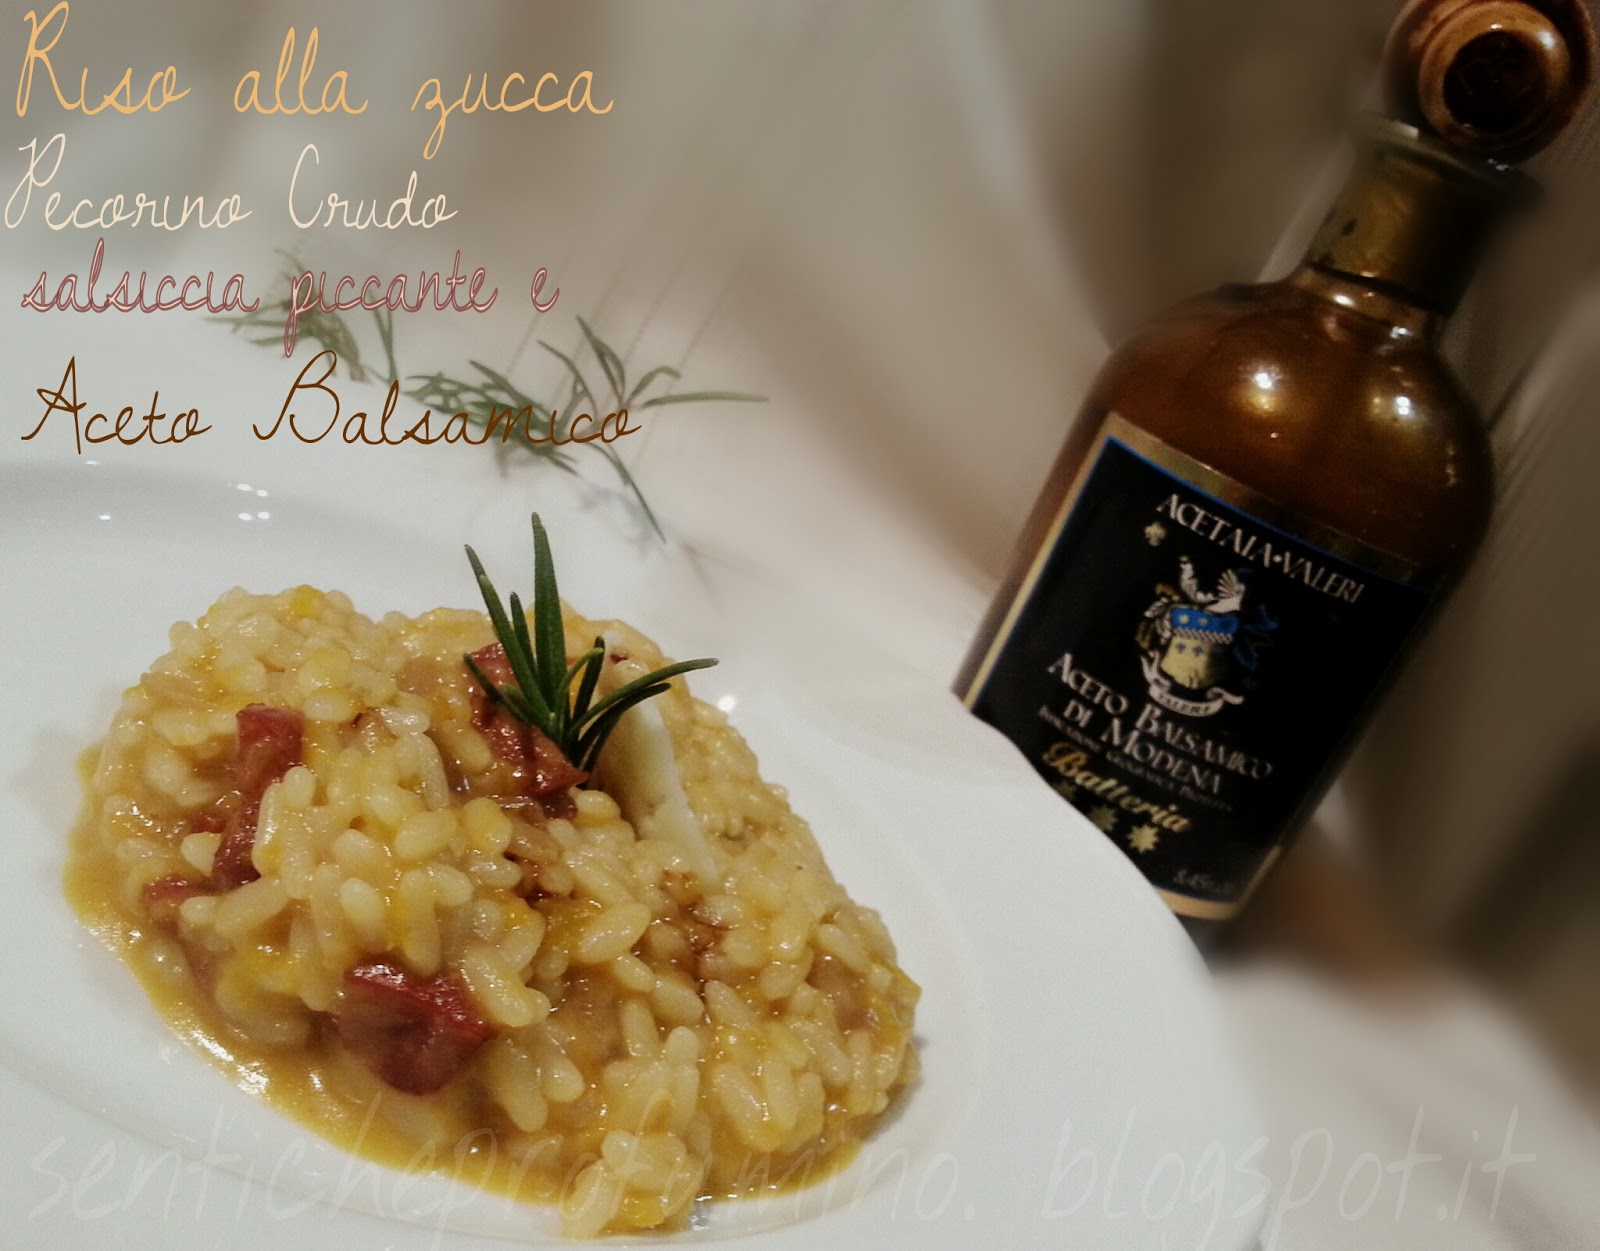 Risotto alla zucca con salsiccia piccante pecorino crudo e Aceto balsamico